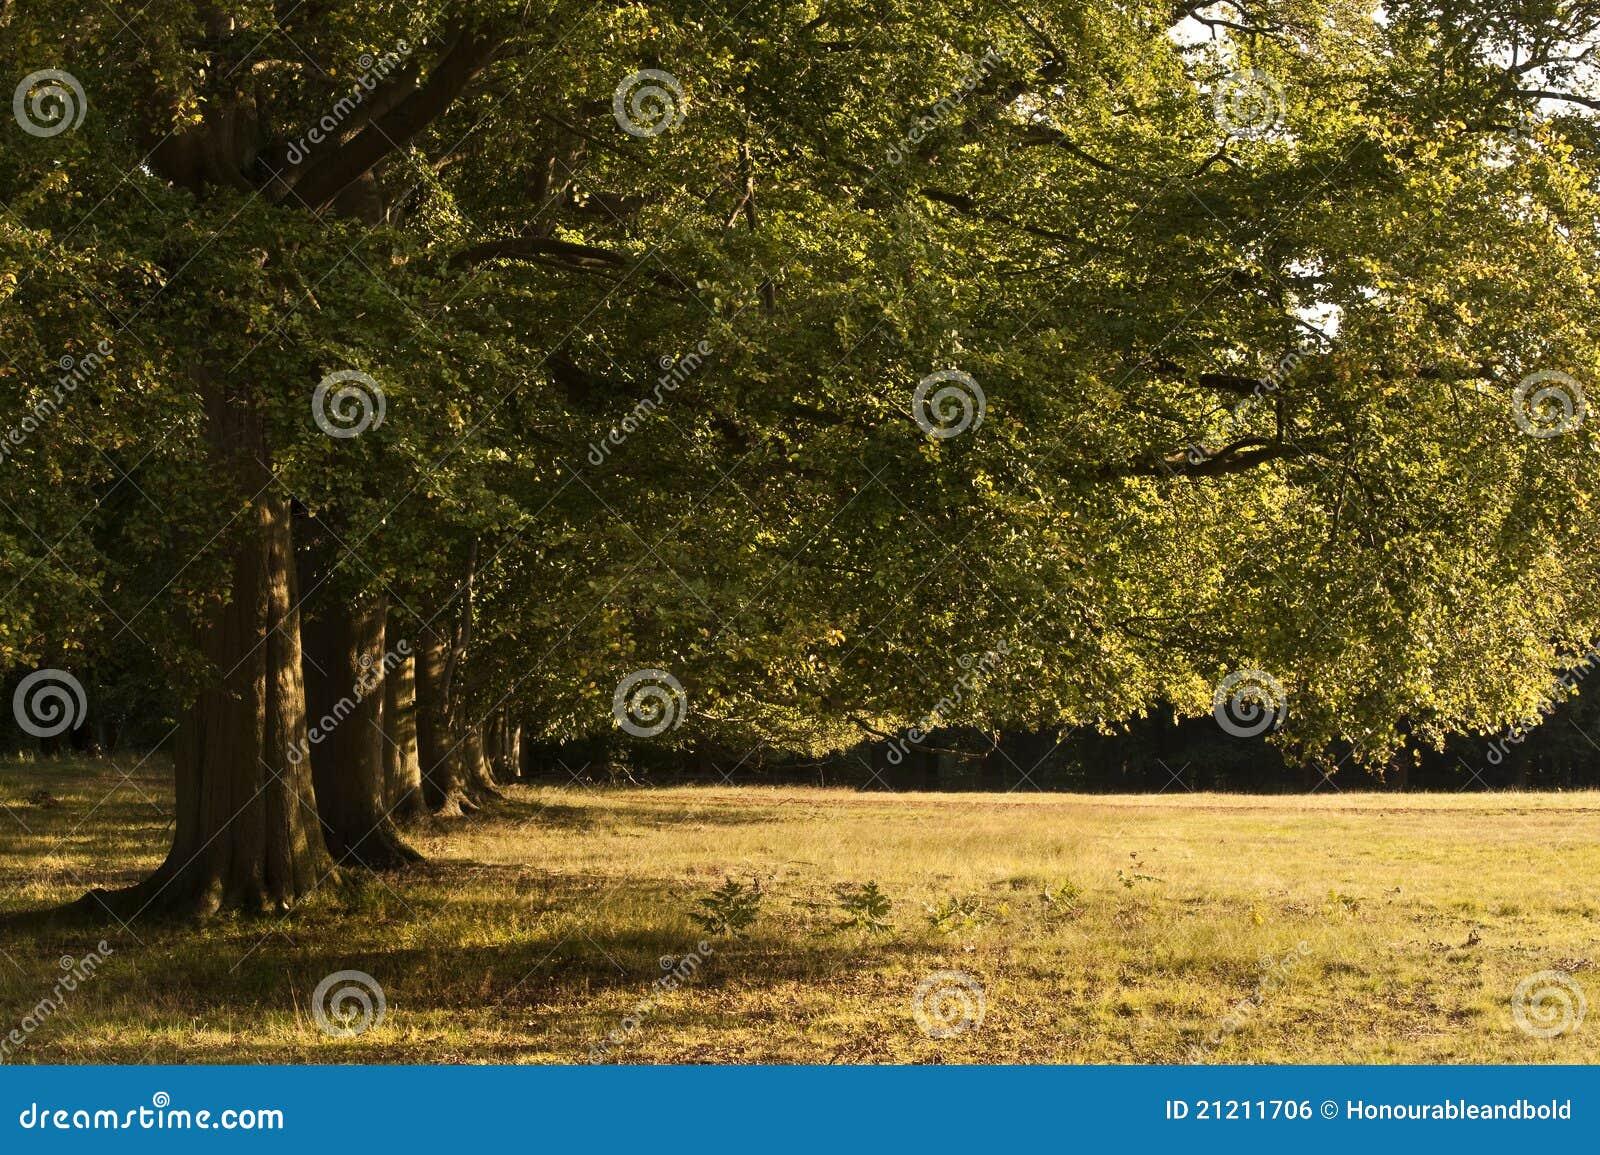 avenue de vieux arbres de ch ne dans le bout du soleil d. Black Bedroom Furniture Sets. Home Design Ideas